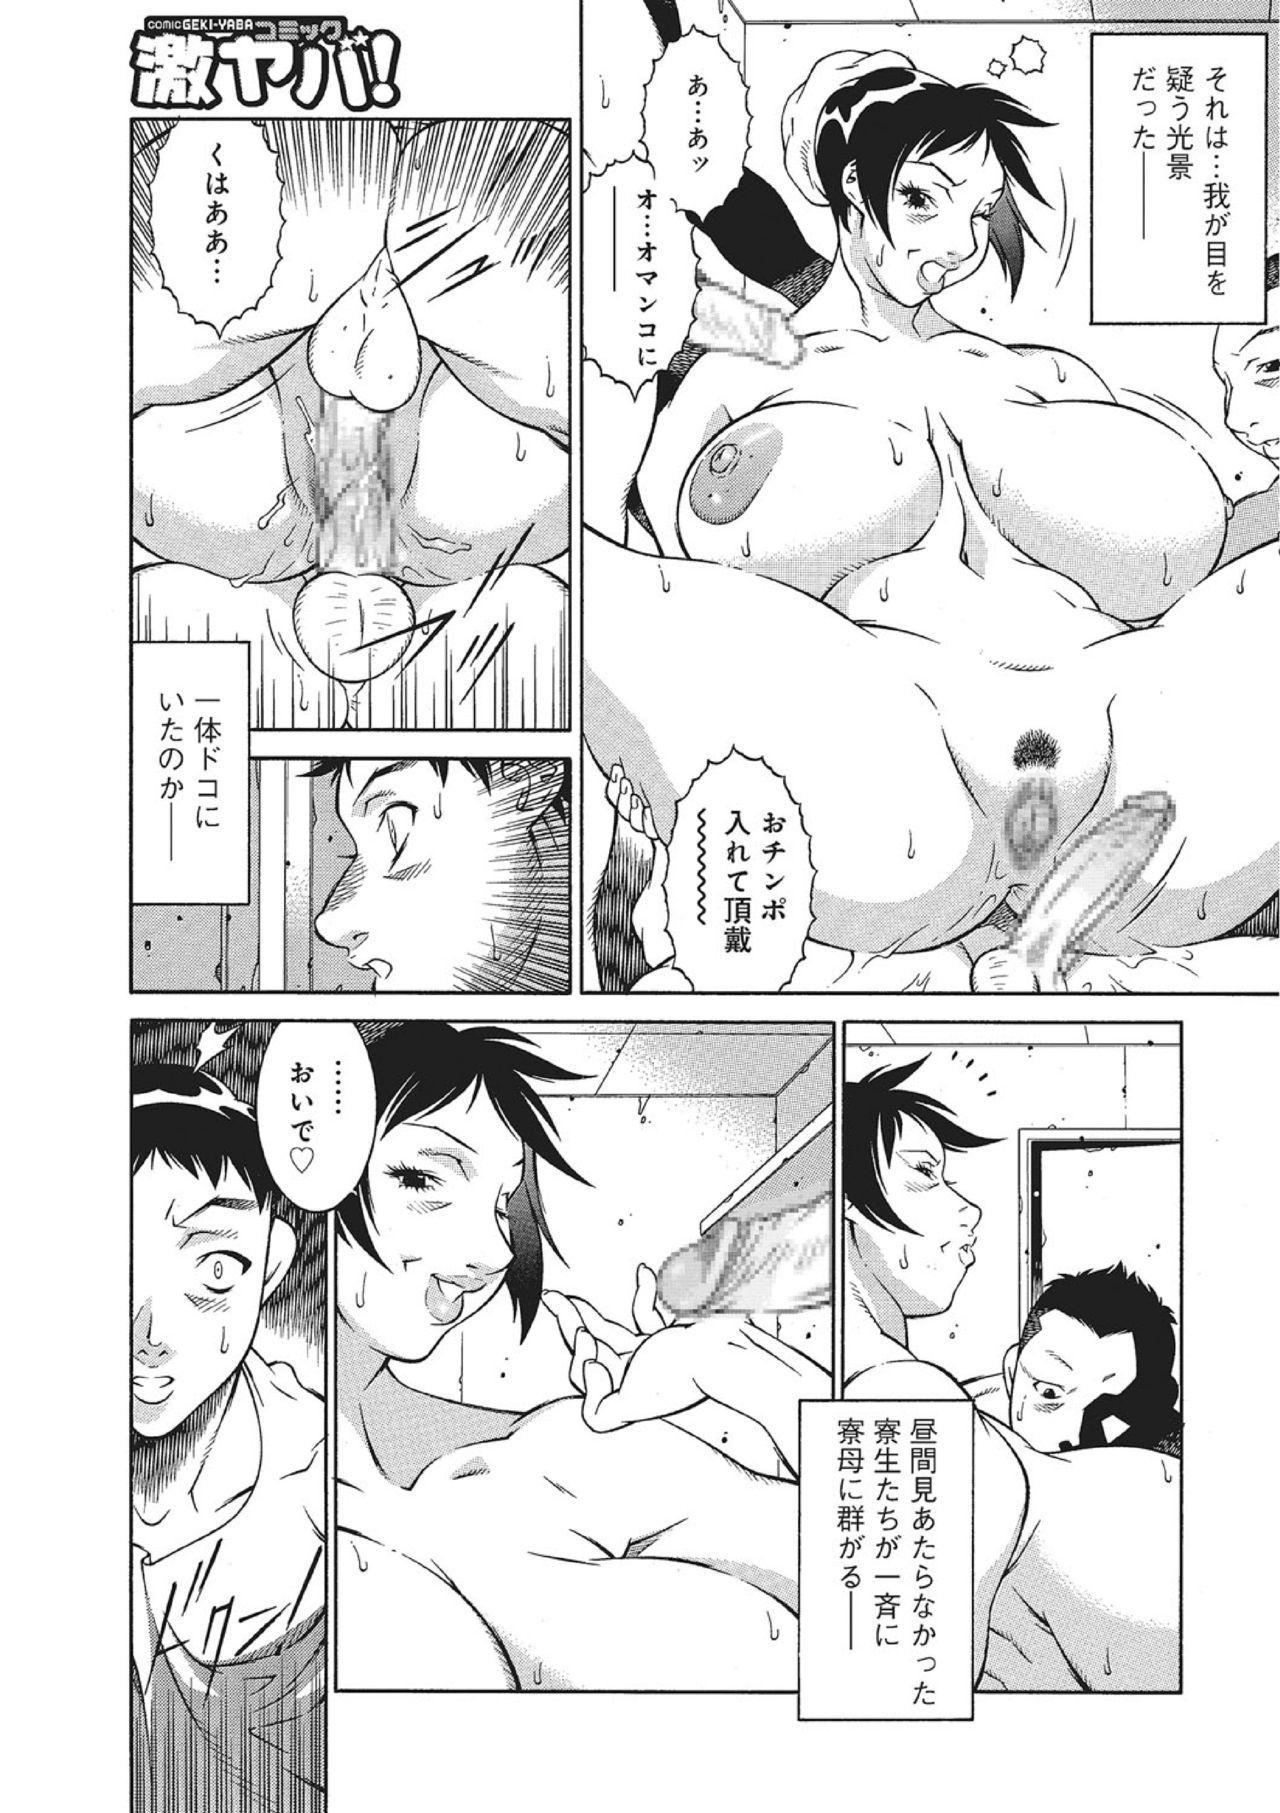 Gakusei Ryoubo no Himitsu 6